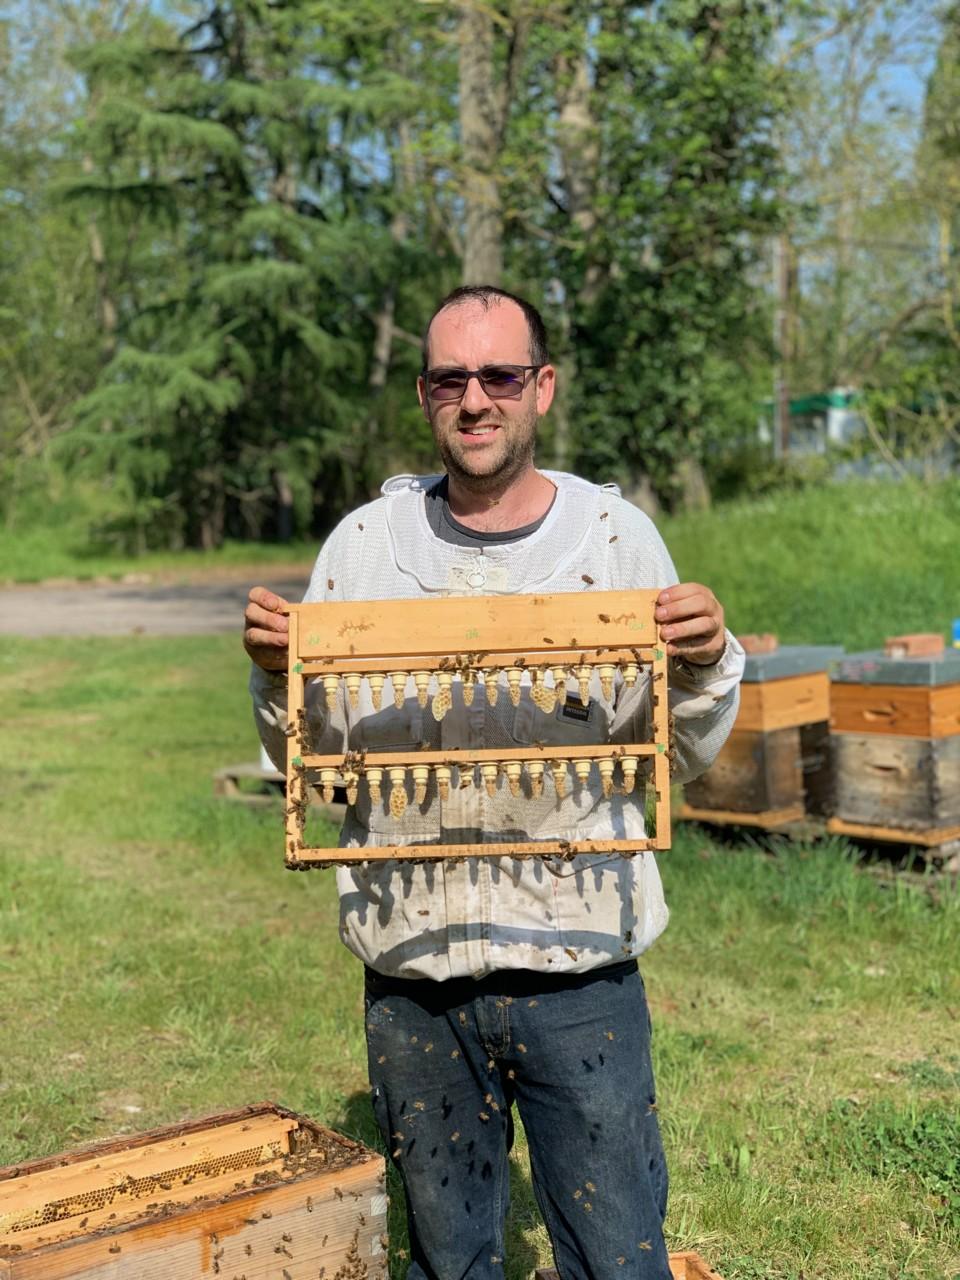 Les Ruchers d'Alexandre , location et parrainage de ruches d'abeilles pour les entreprises